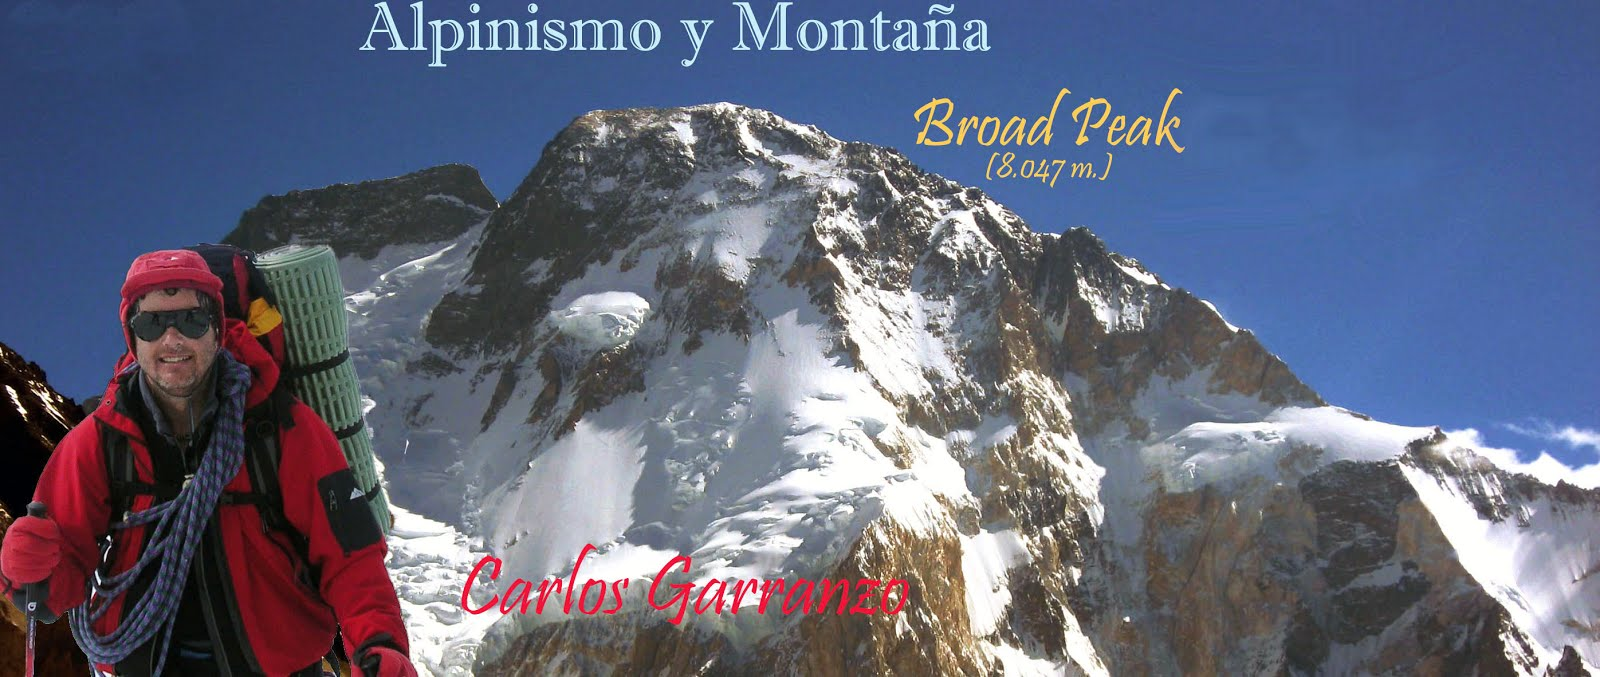 ALPINISMO Y MONTAÑA - CARLOS GARRANZO. BROAD PEAK 2014